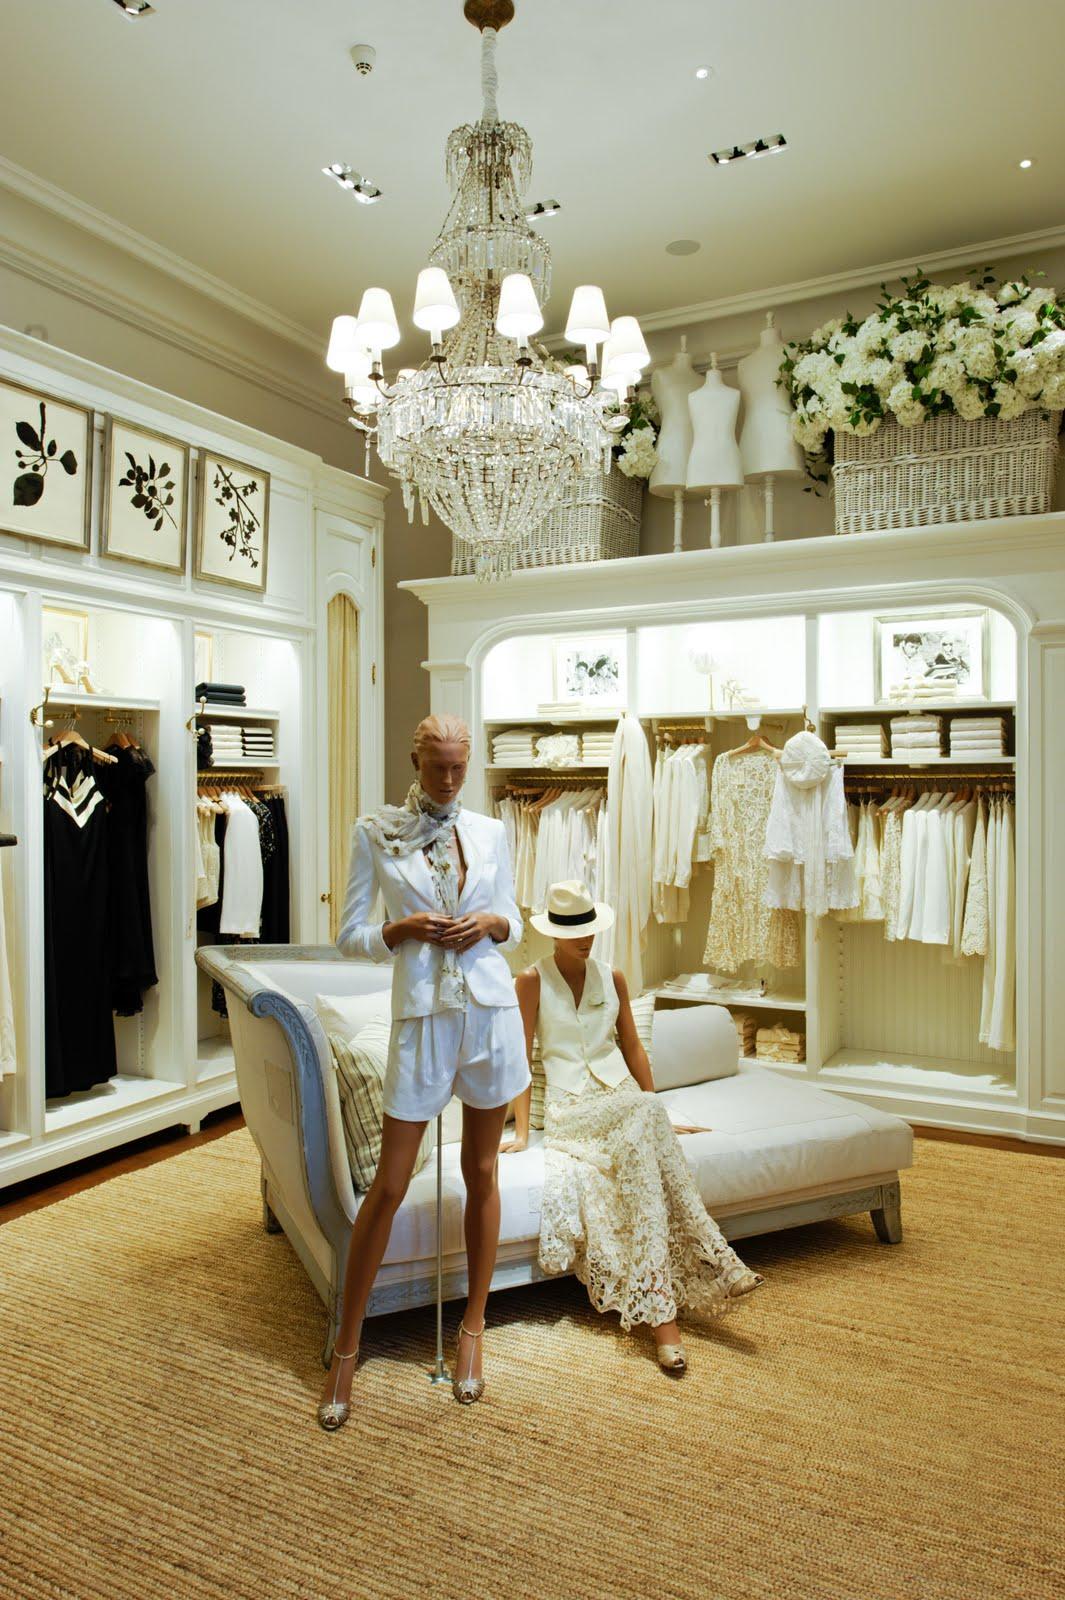 Guide City Germain Paris Des Saint Ralph Mode LaurenLa De nw80mOvN